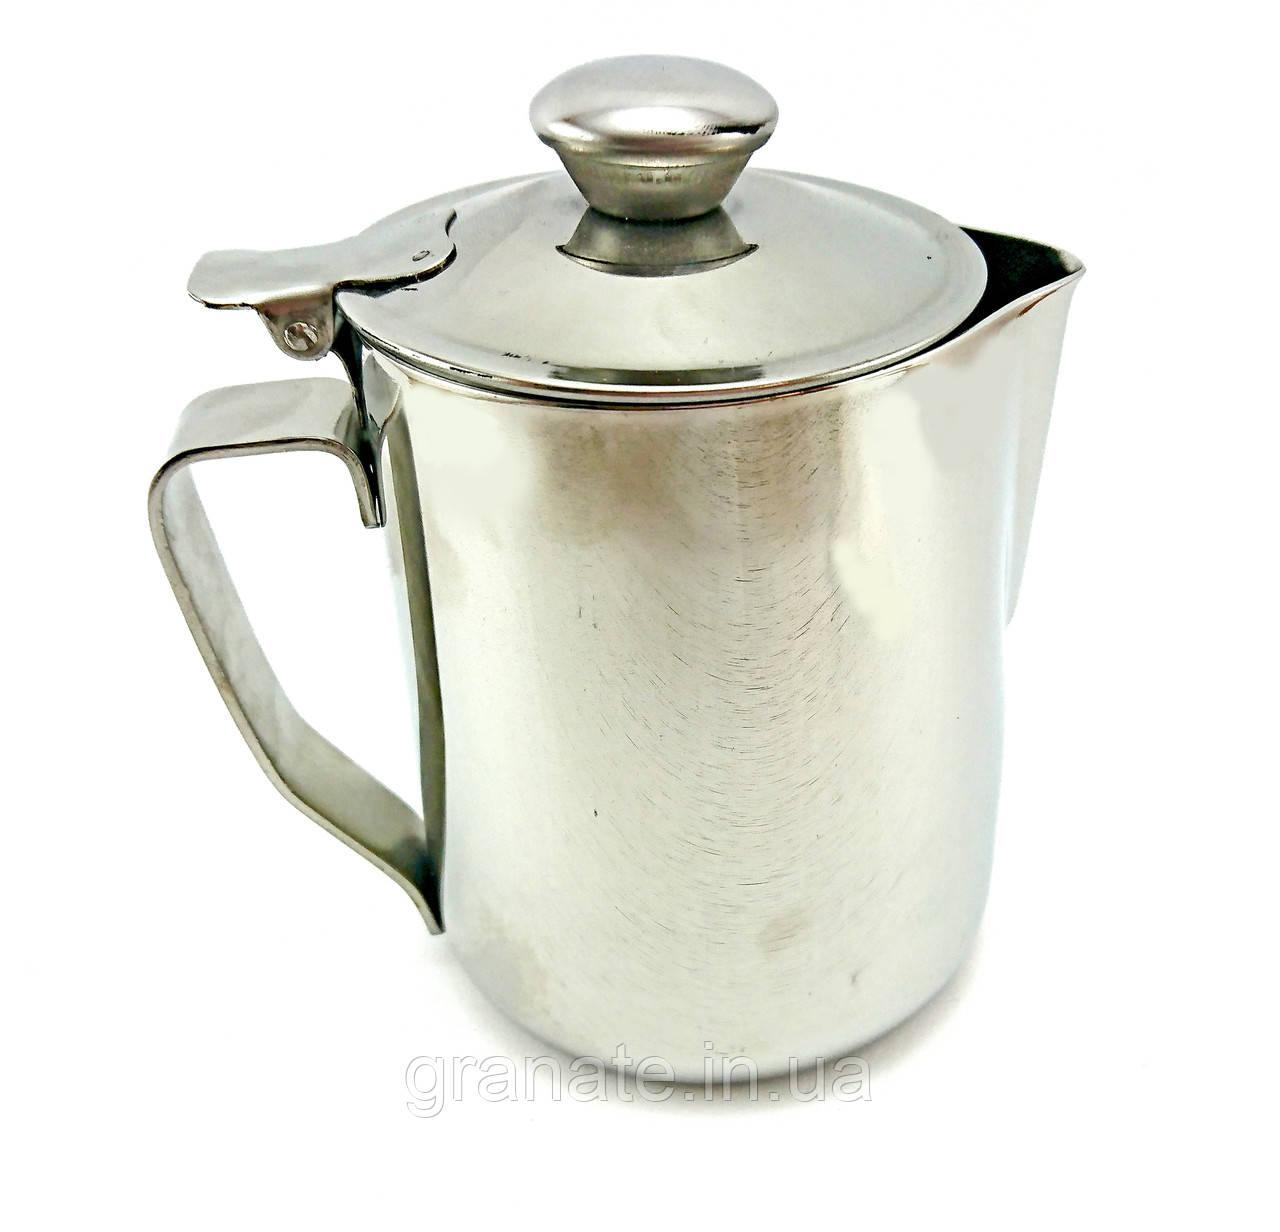 Джаг для молока 500 мл с крышкой питчер молочник Турция